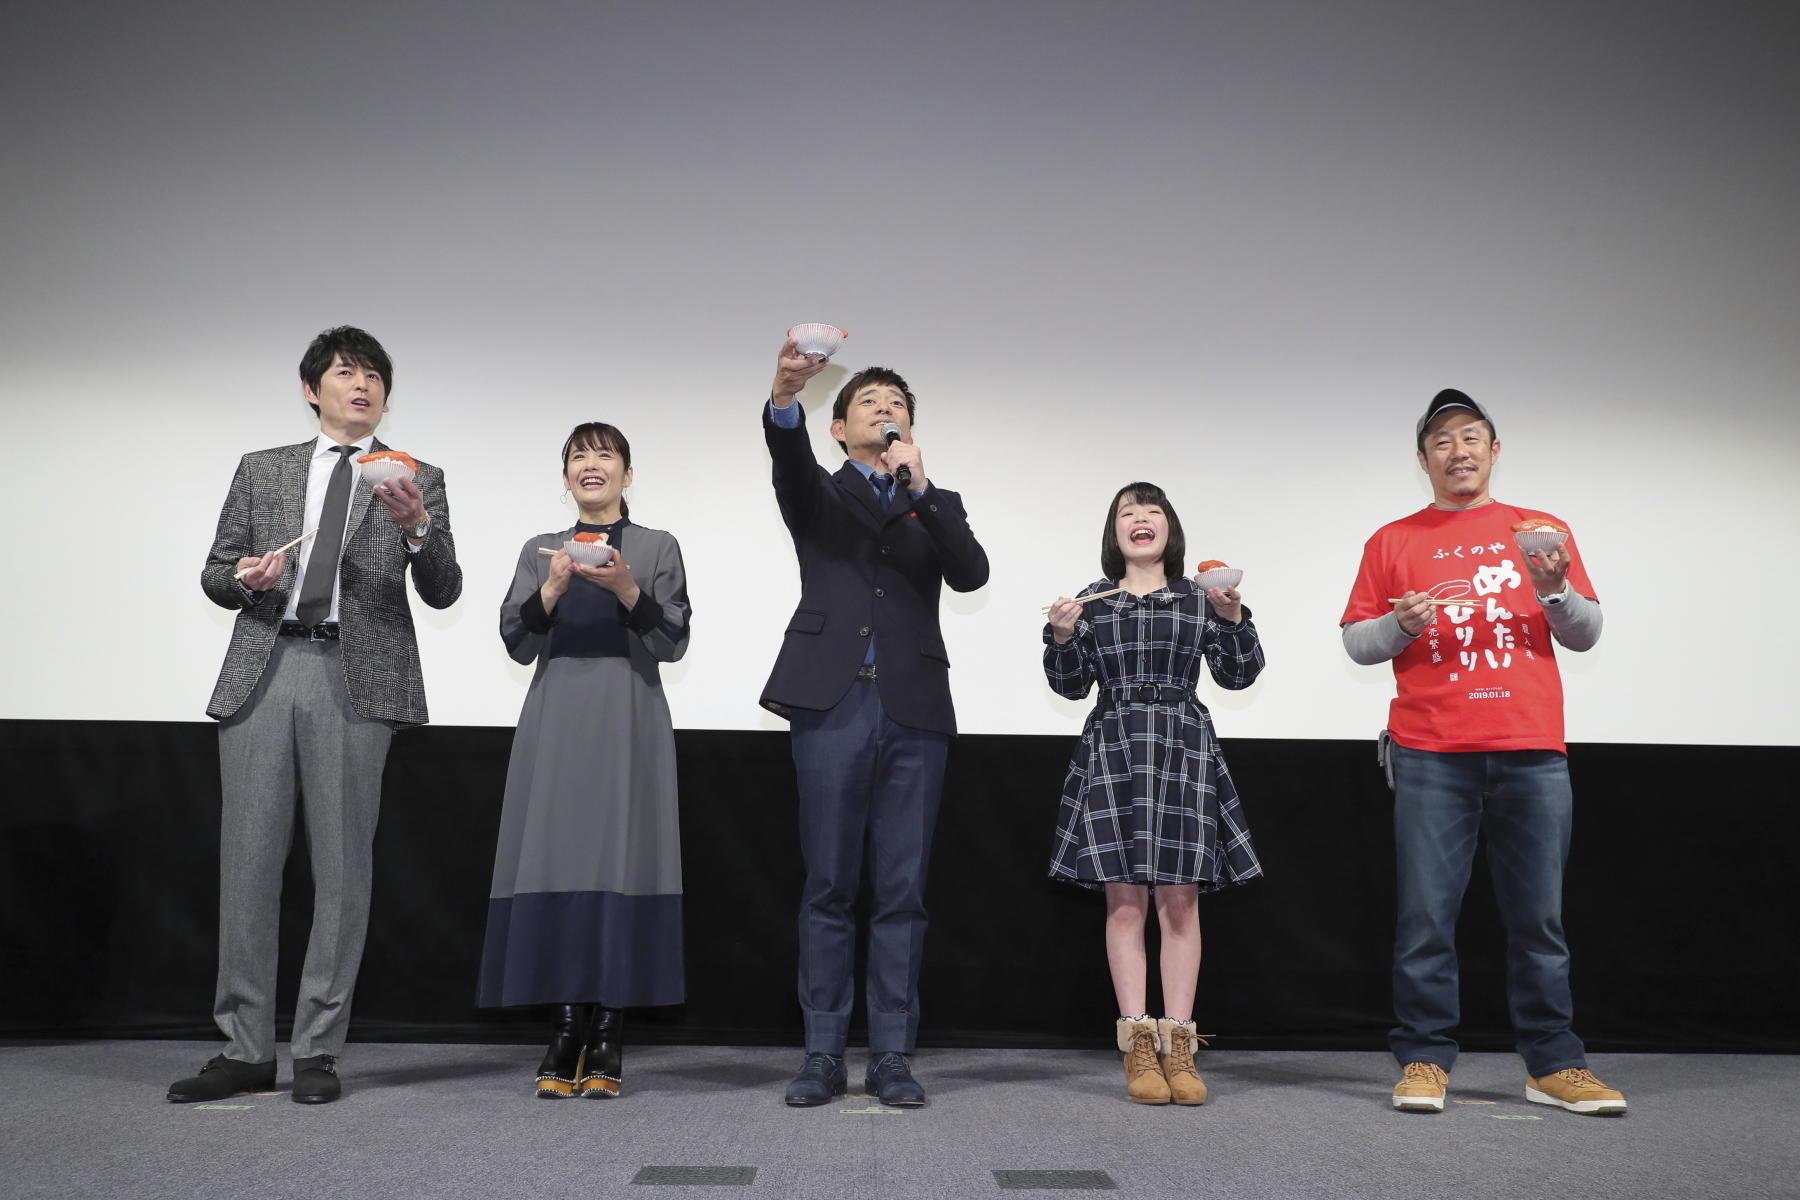 http://news.yoshimoto.co.jp/20190117162541-b11a26d08894033250aa374681a7dd8affbe77d6.jpg